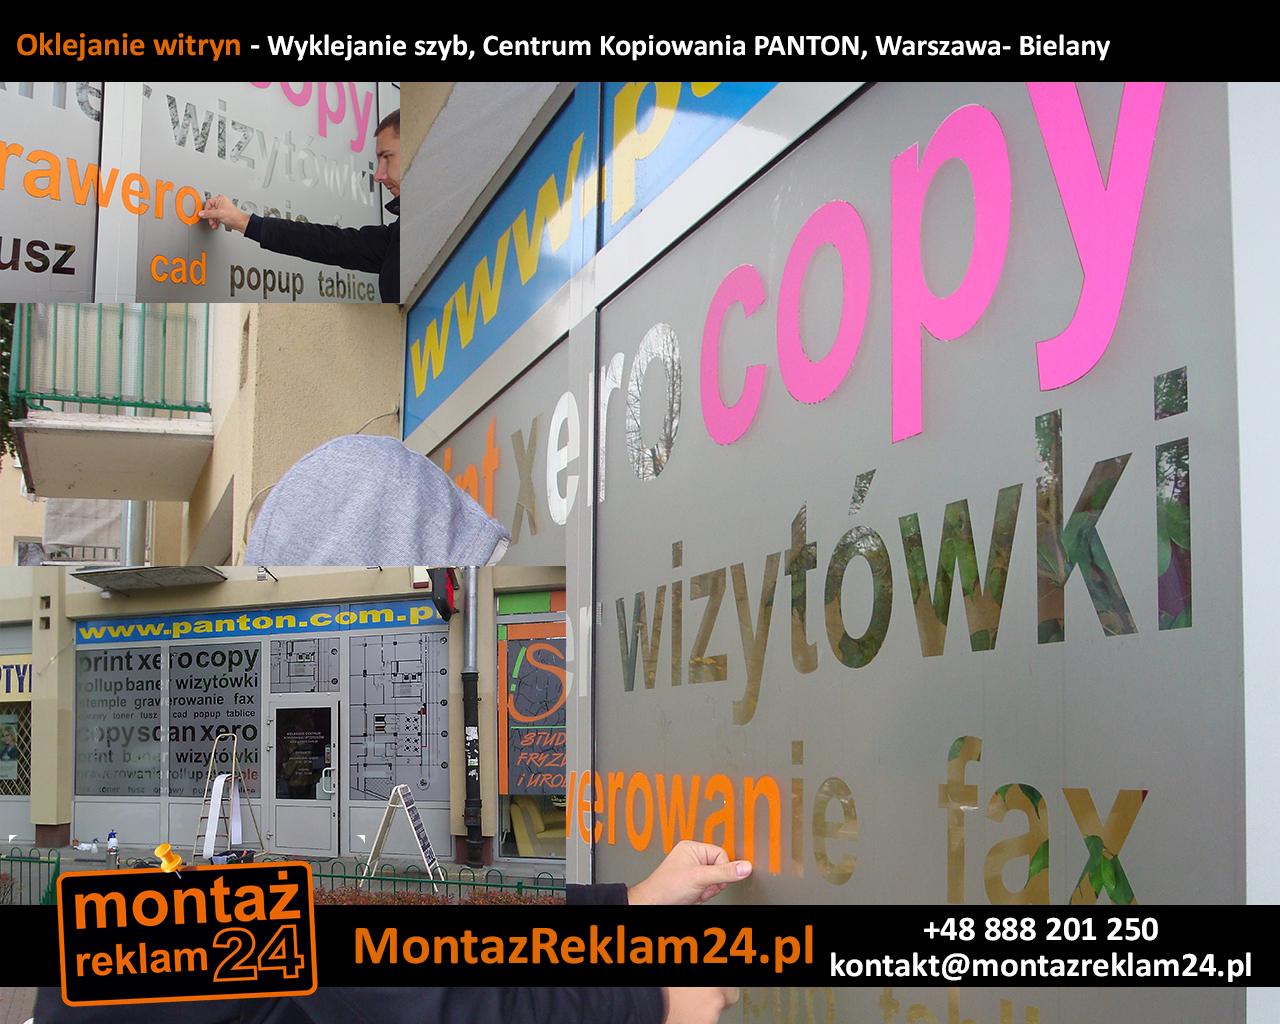 Oklejanie witryn - Wyklejanie szyb, Centrum Kopiowania PANTON, Warszawa- Bielany.jpg